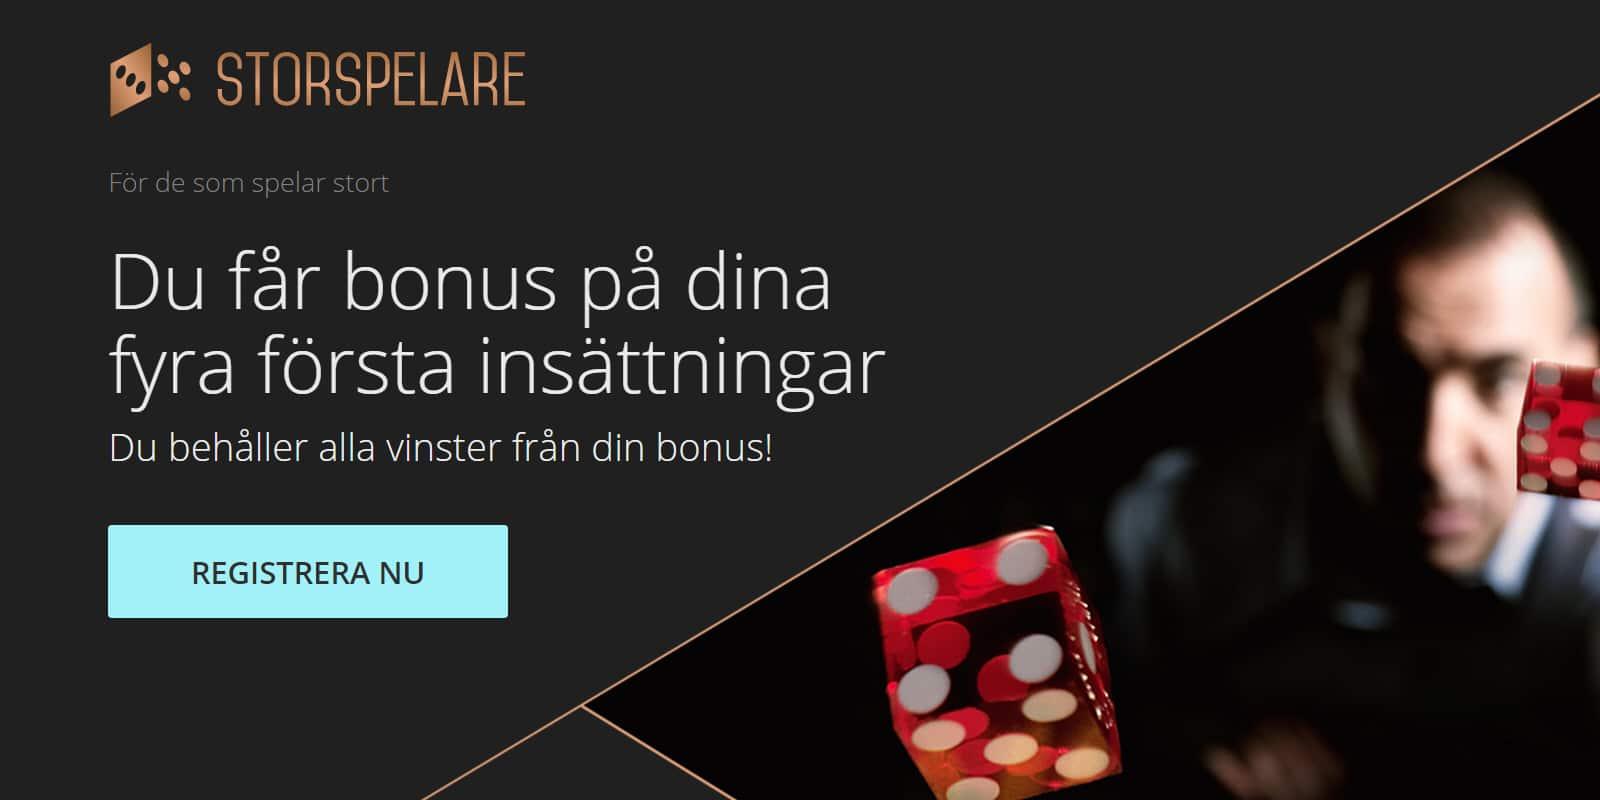 Casino storspelaren 12410